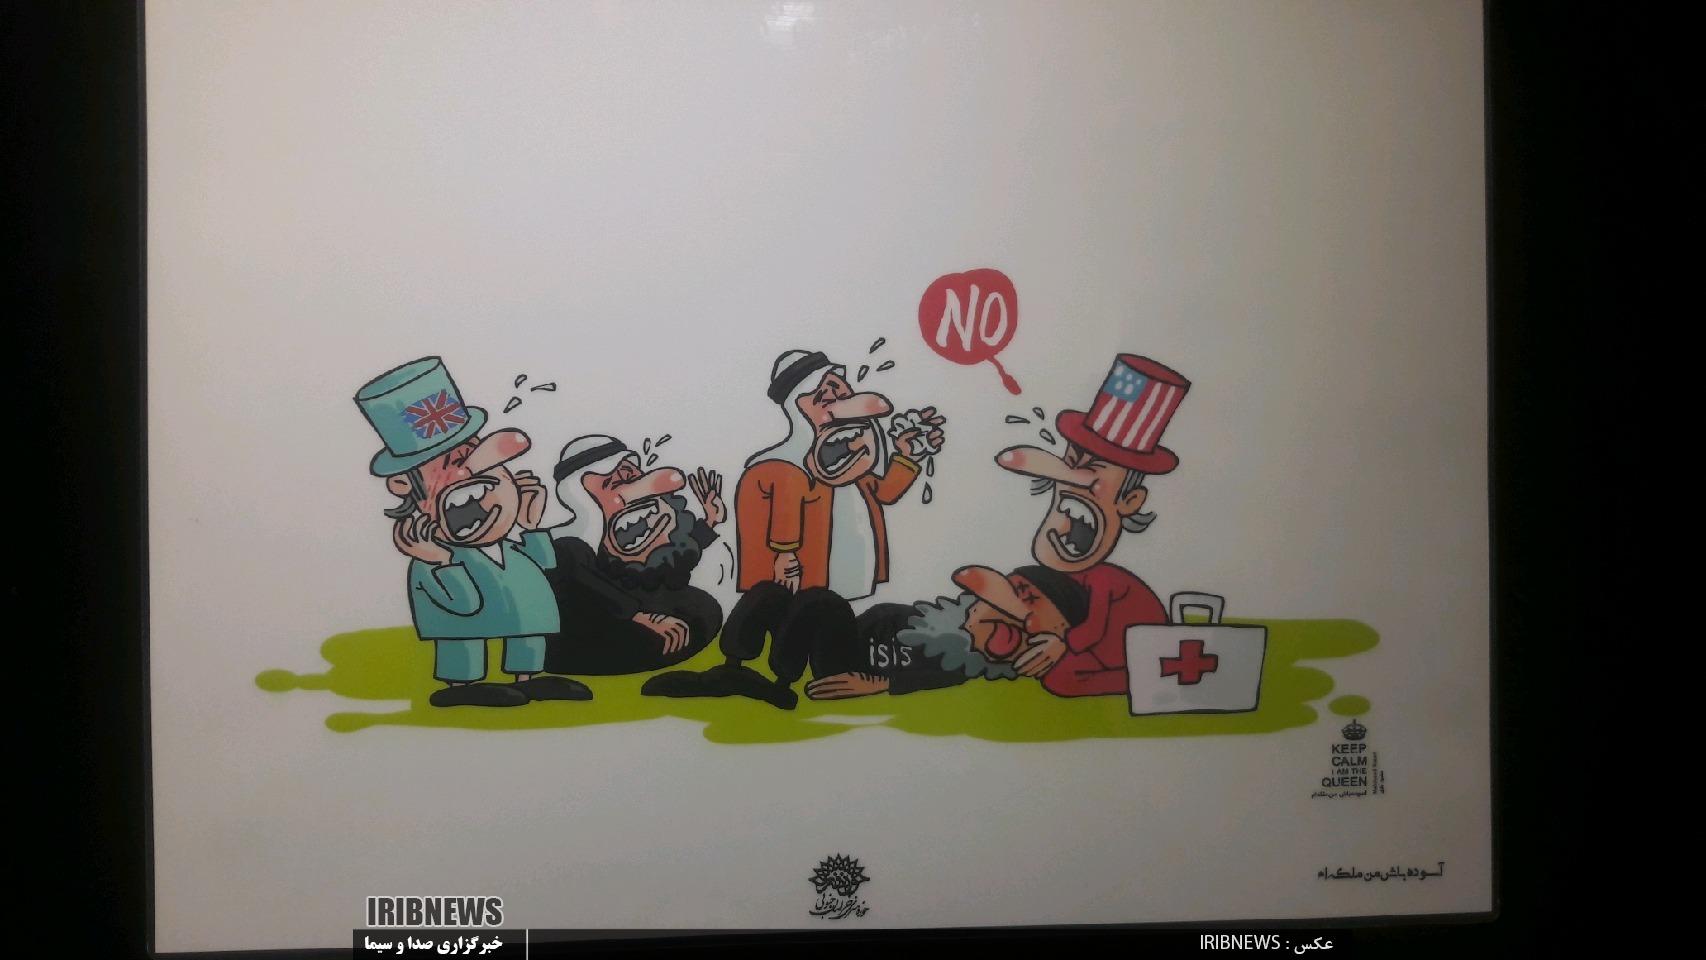 افتتاح نمایشگاه کاریکاتور در بیرجند